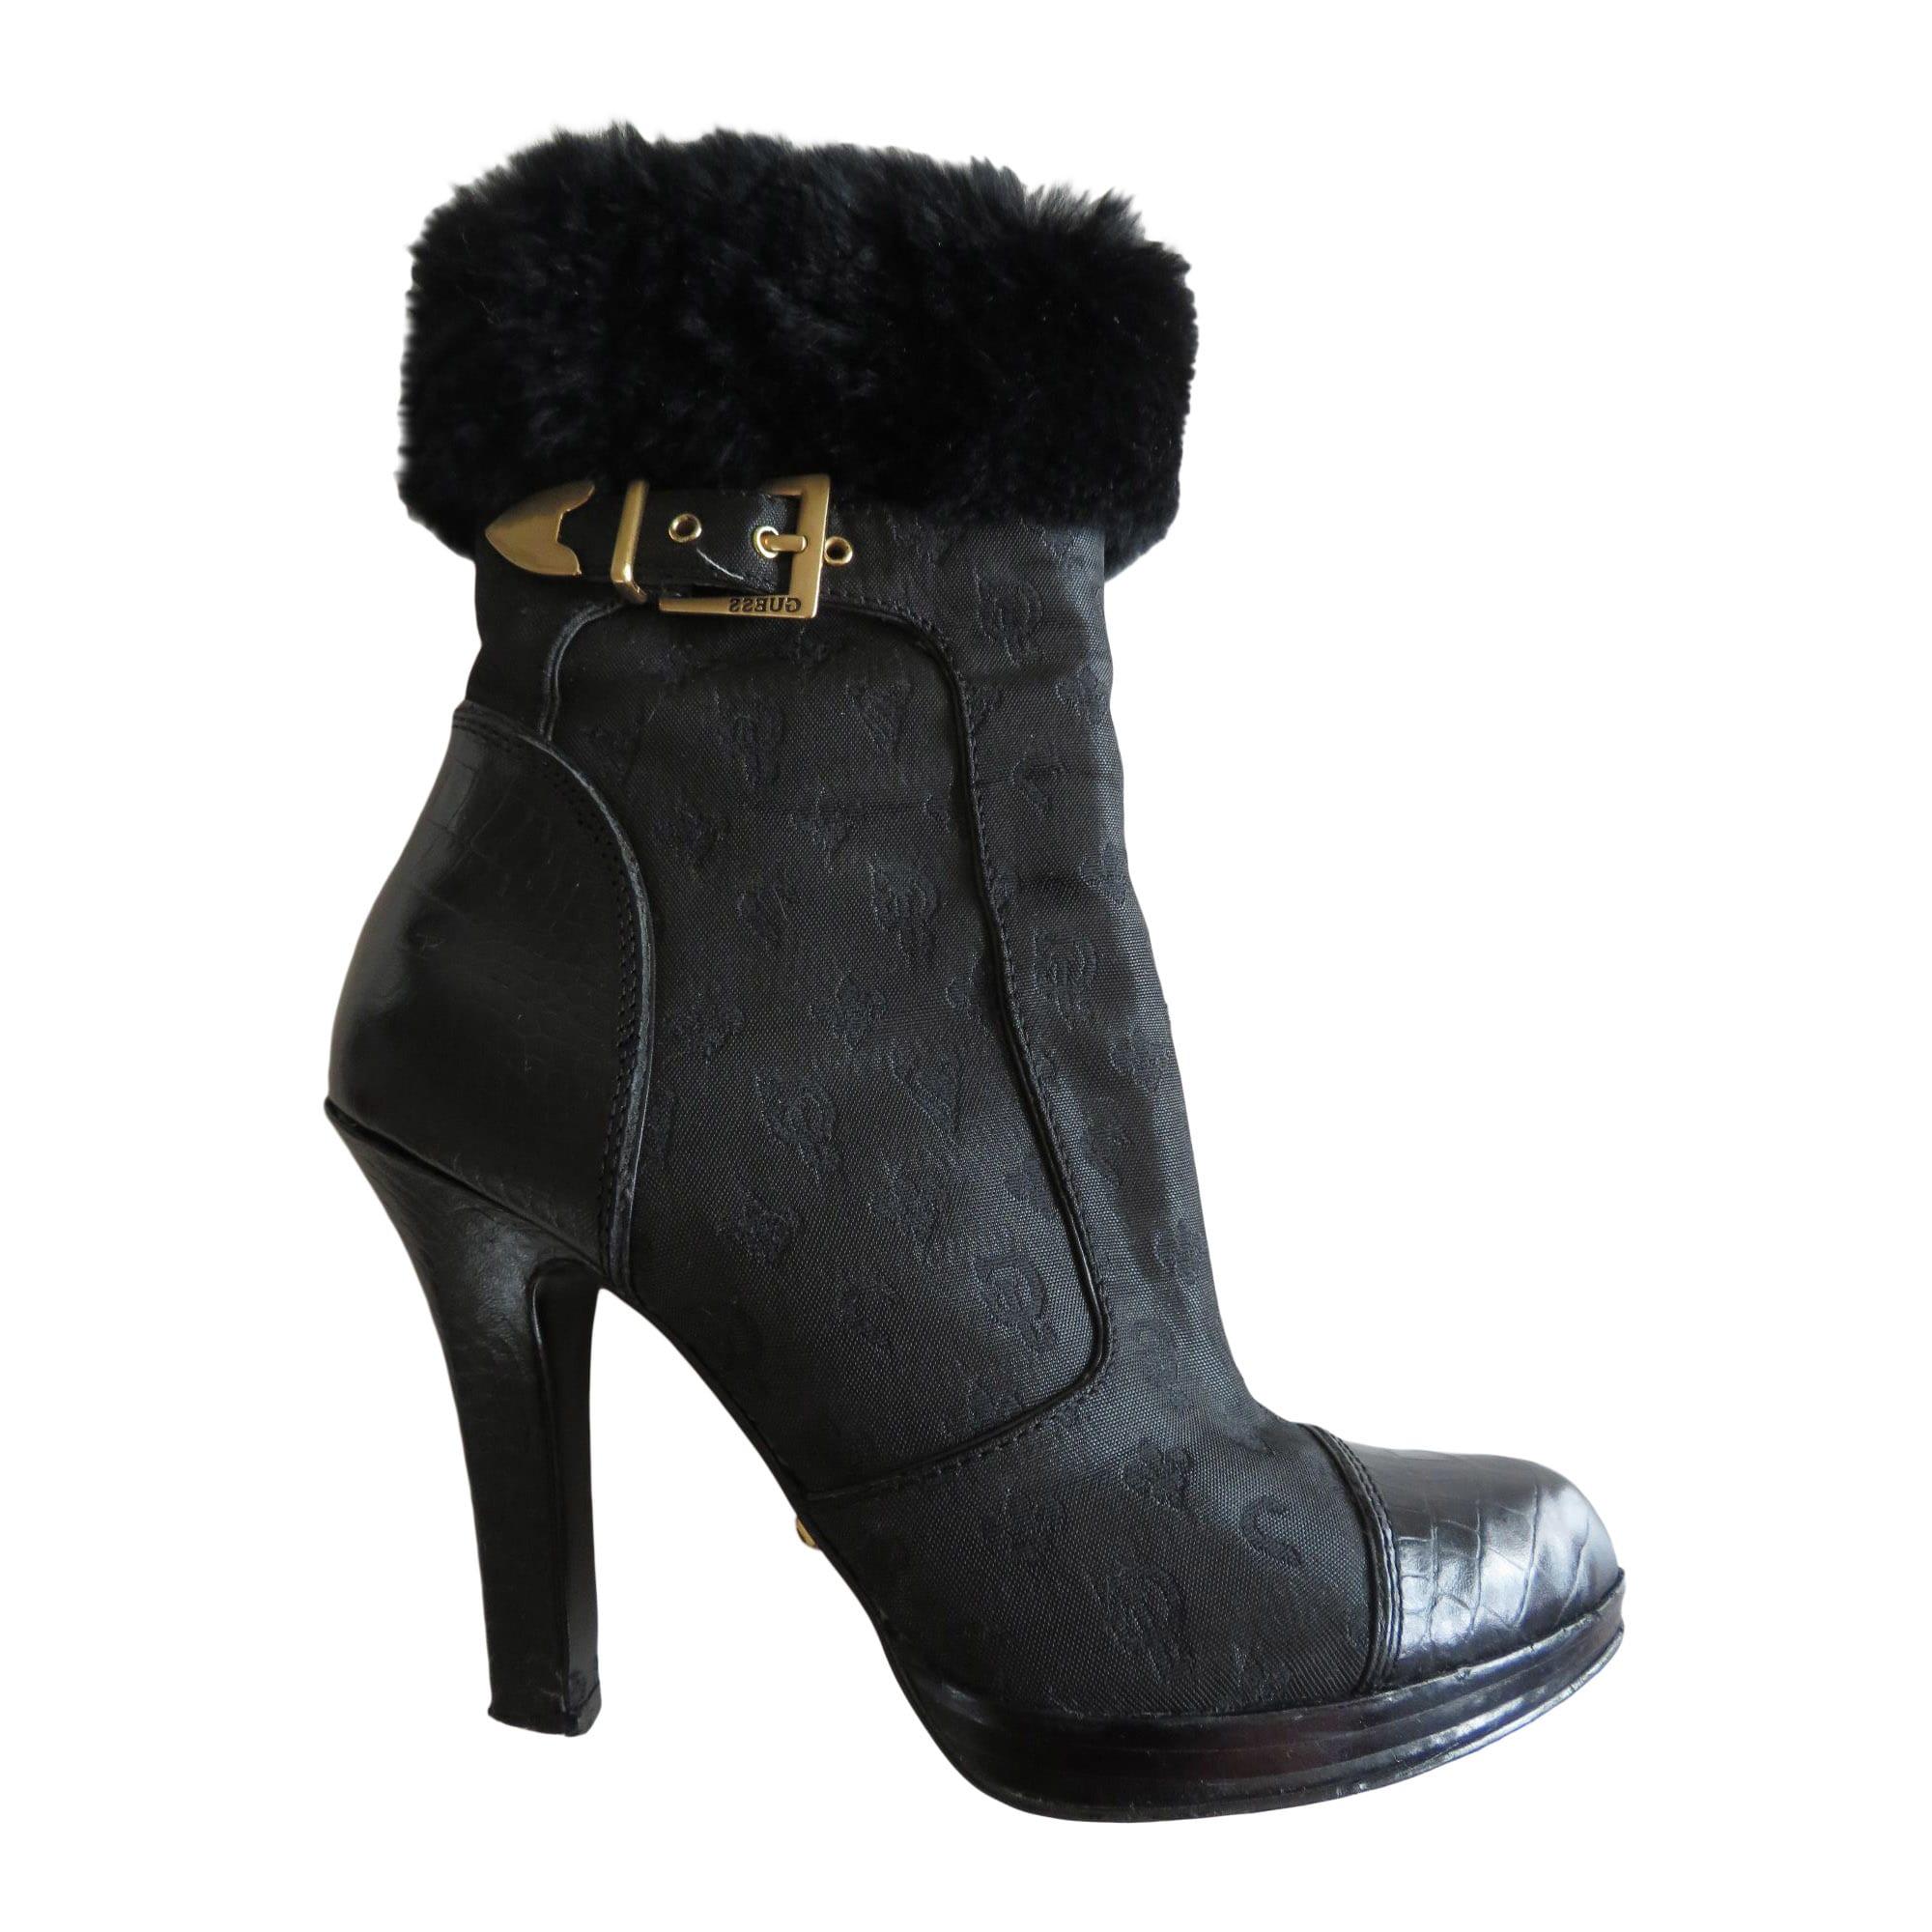 Bottines & low boots à compensés cuir 37,5